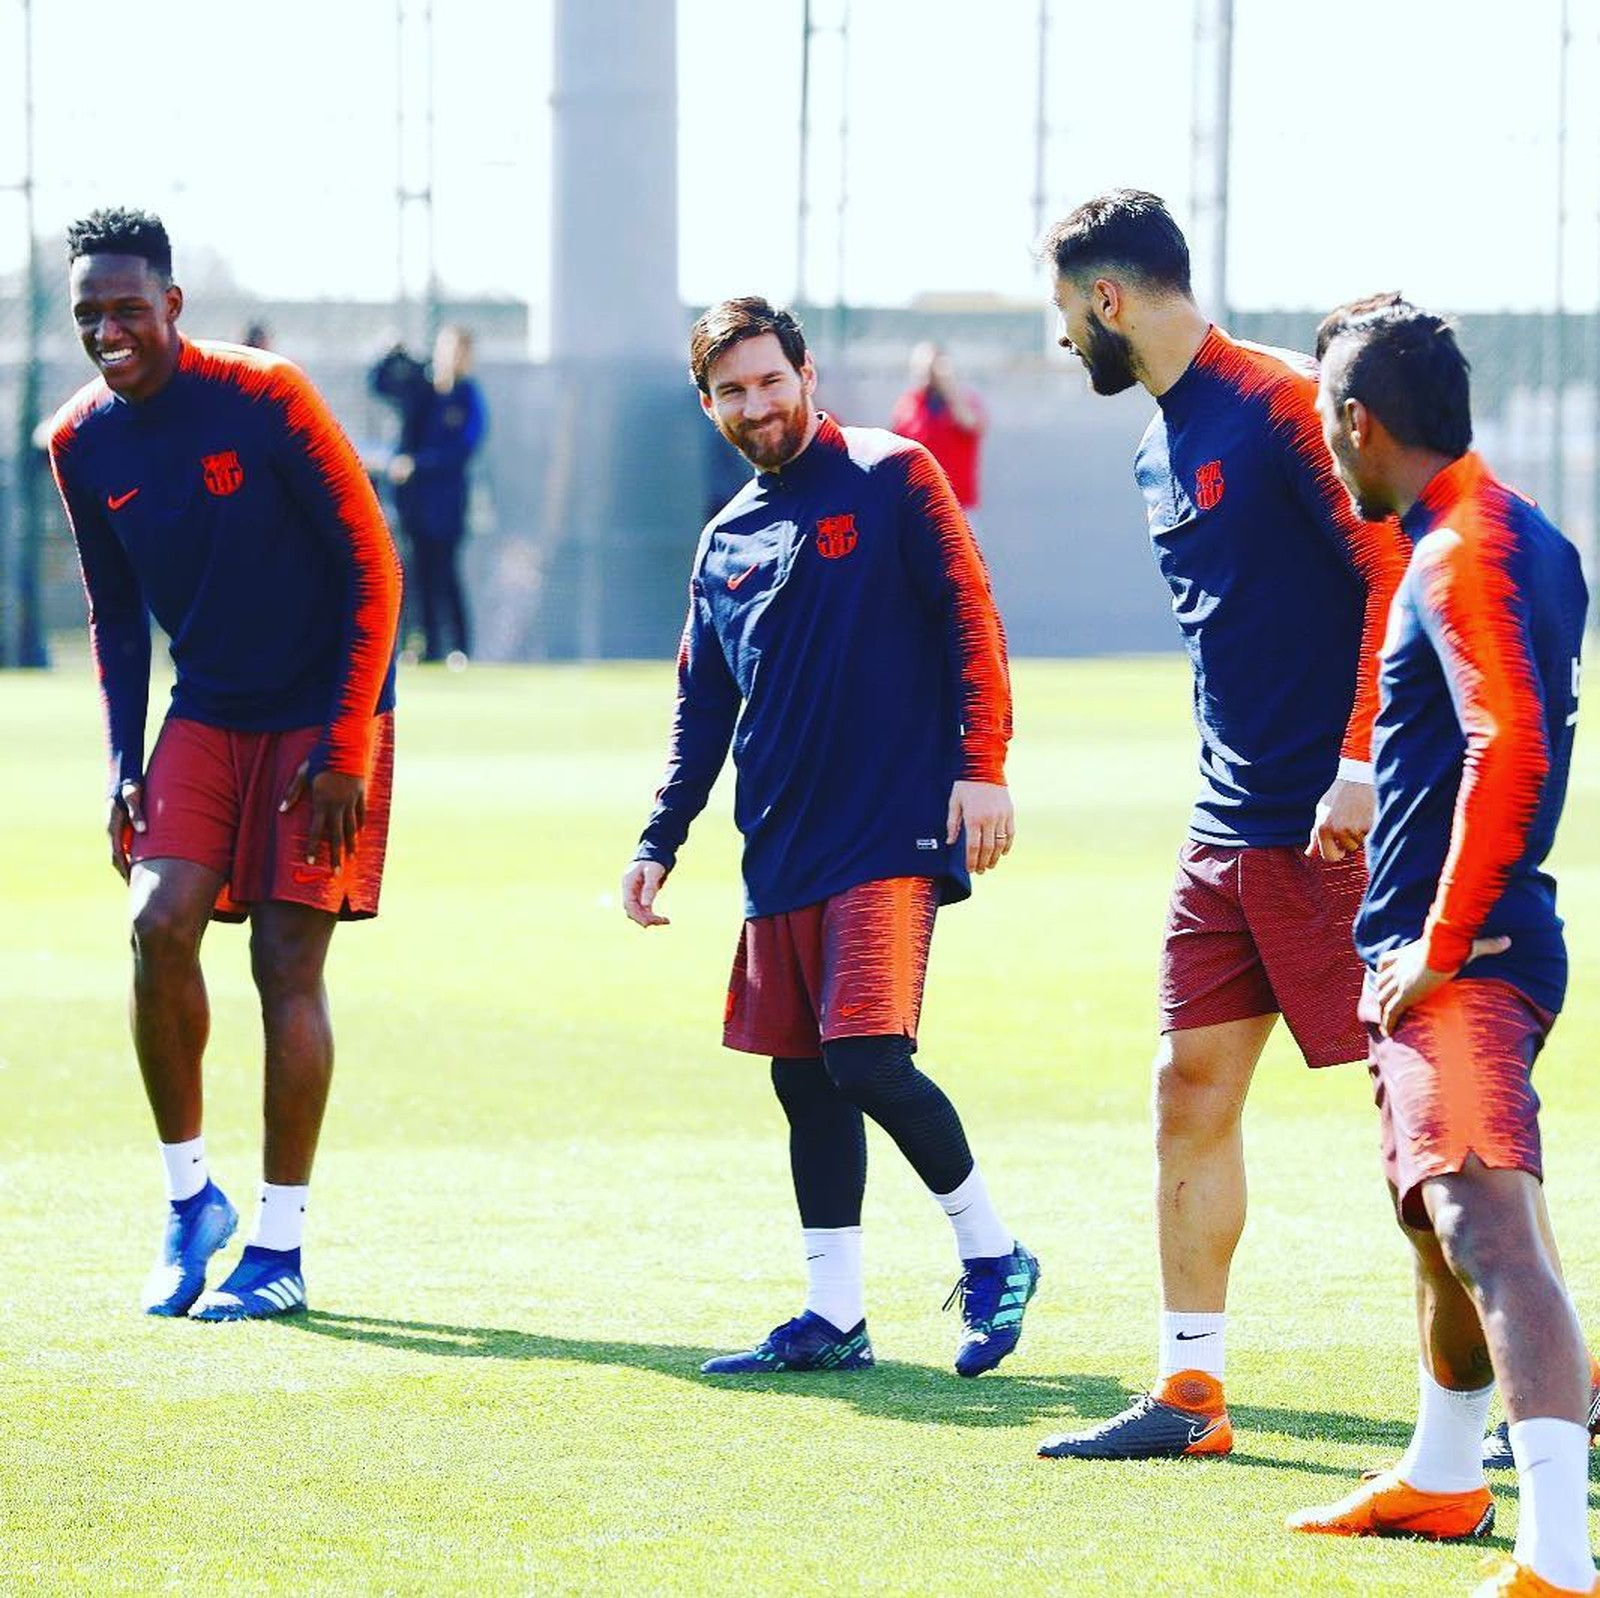 Recuperado de lesão, Messi volta ao Barça